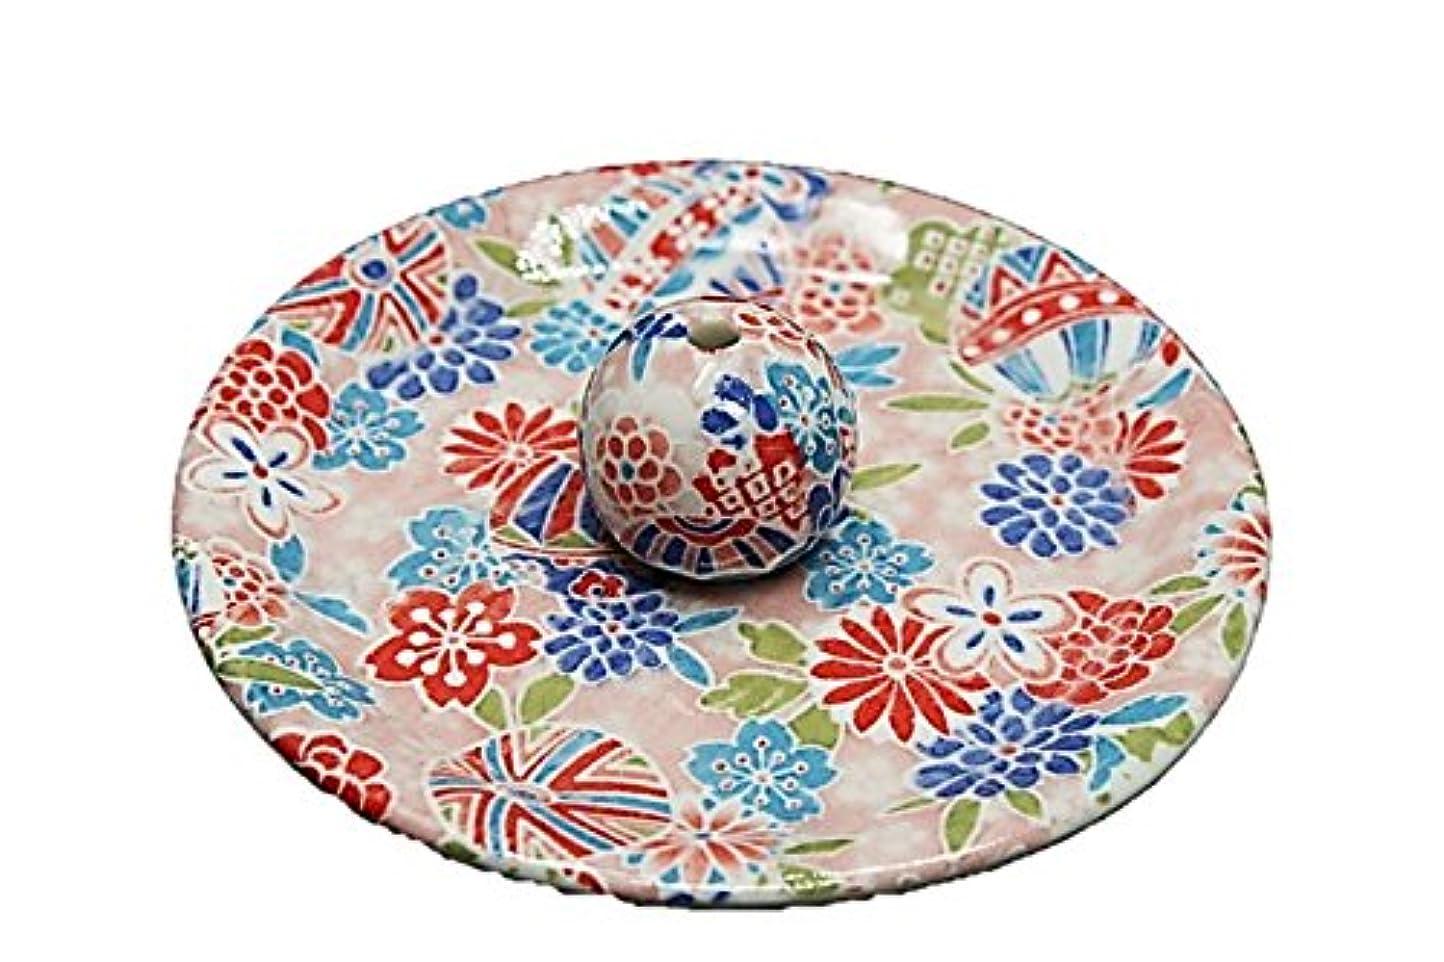 薄める調和のとれた増強する9-8 京雅桃 9cm香皿 お香たて 陶器 お香立 製造?直売品